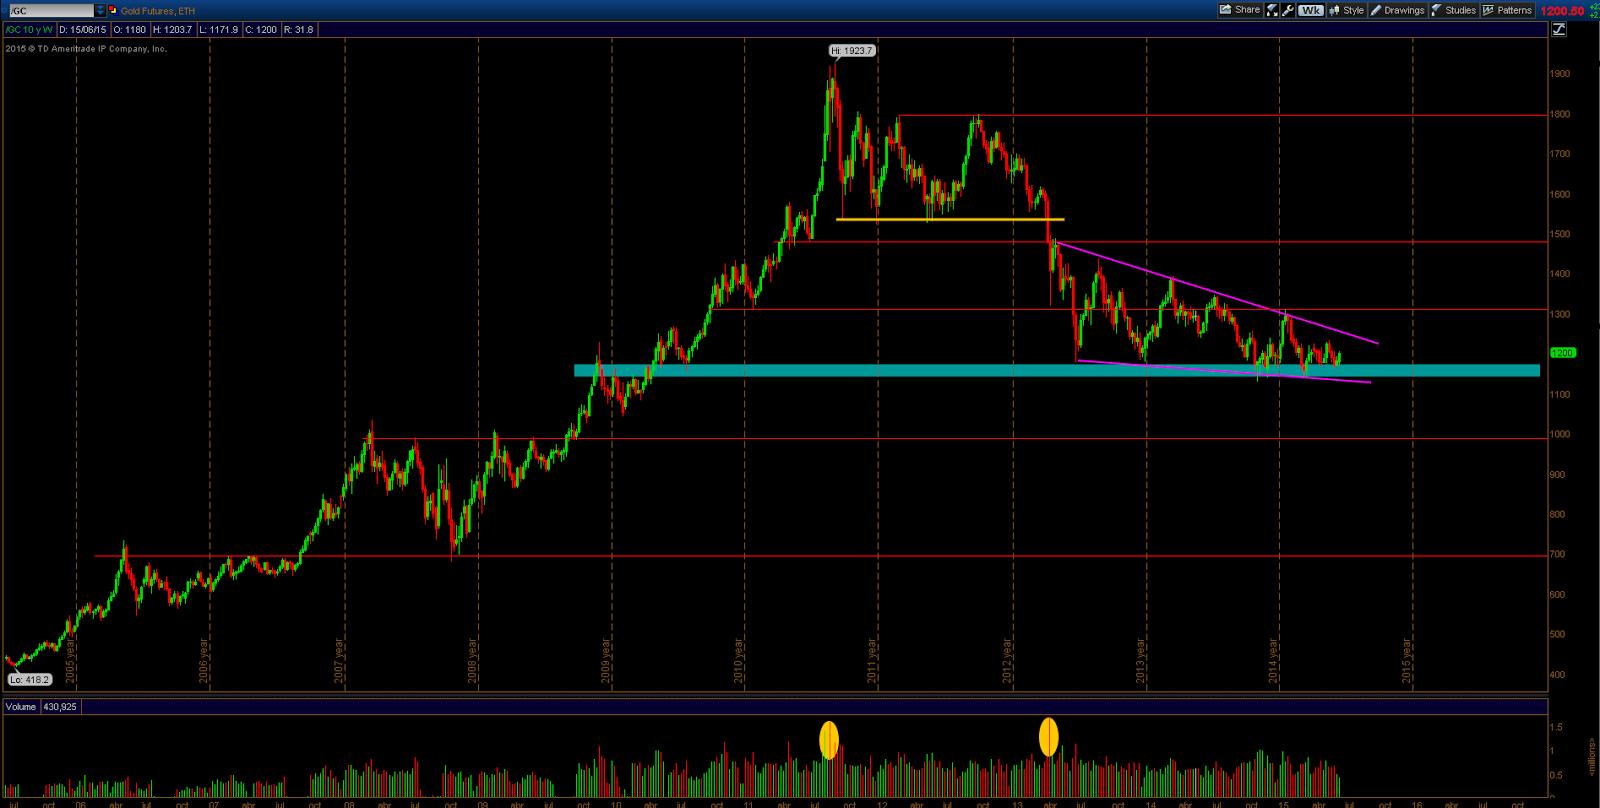 análisis técnico gráfico futuro oro (gold futures chart)